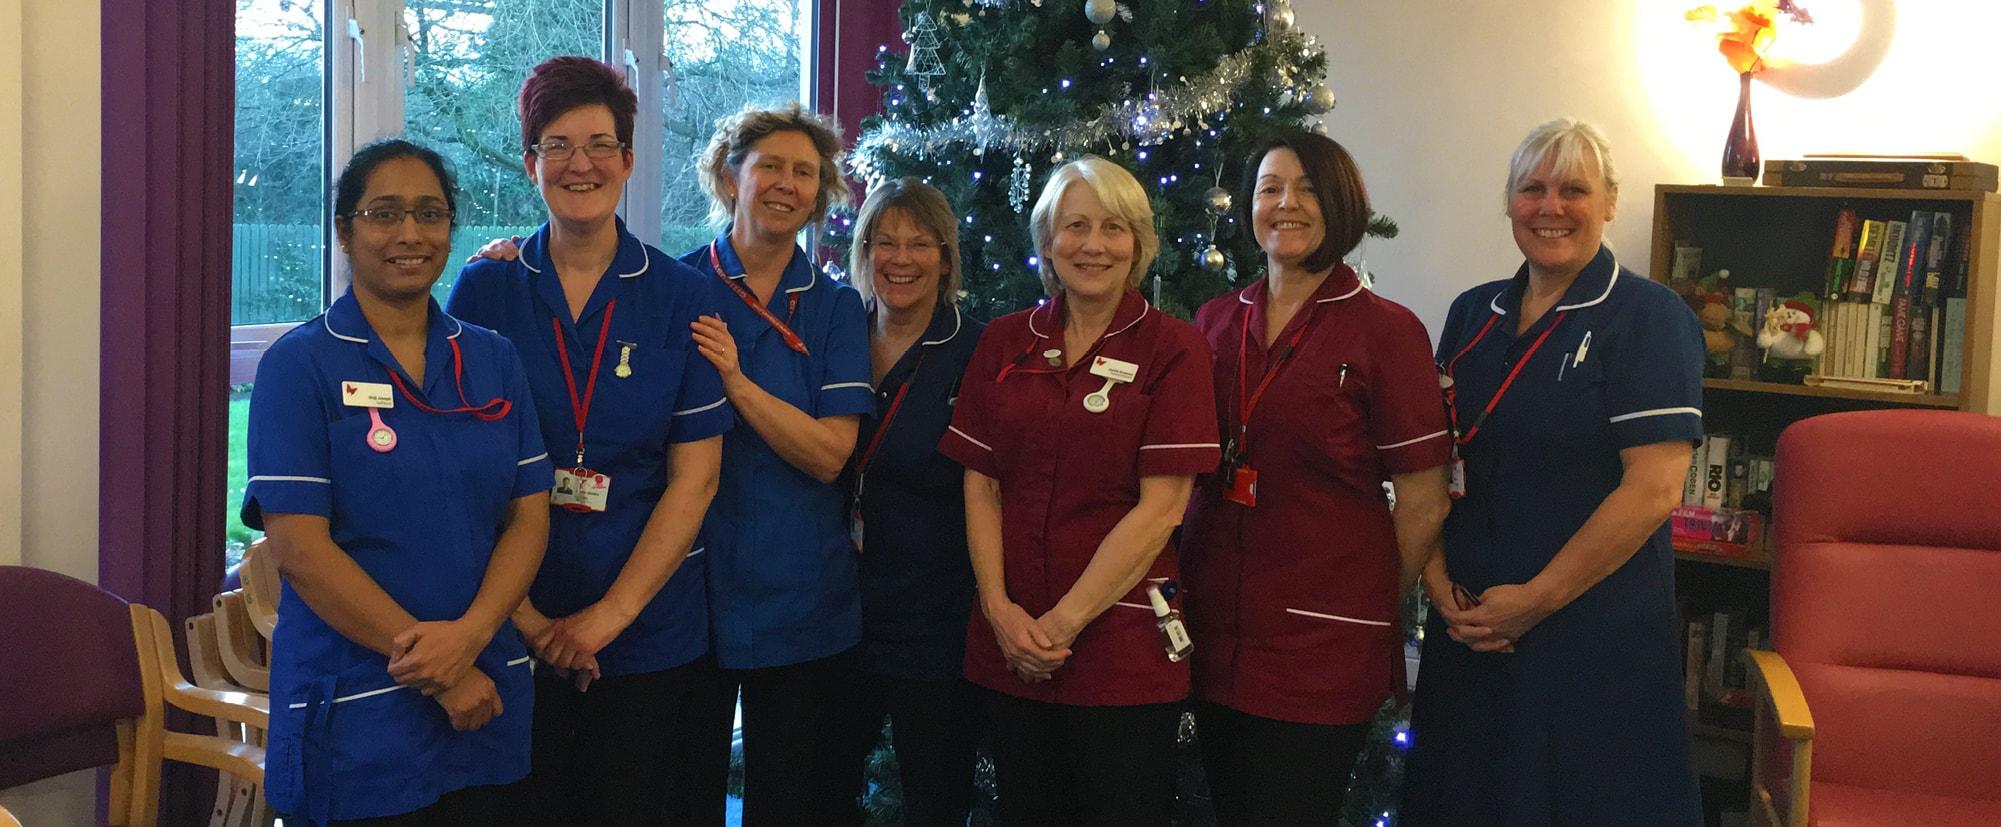 Nurses-Coventry-min